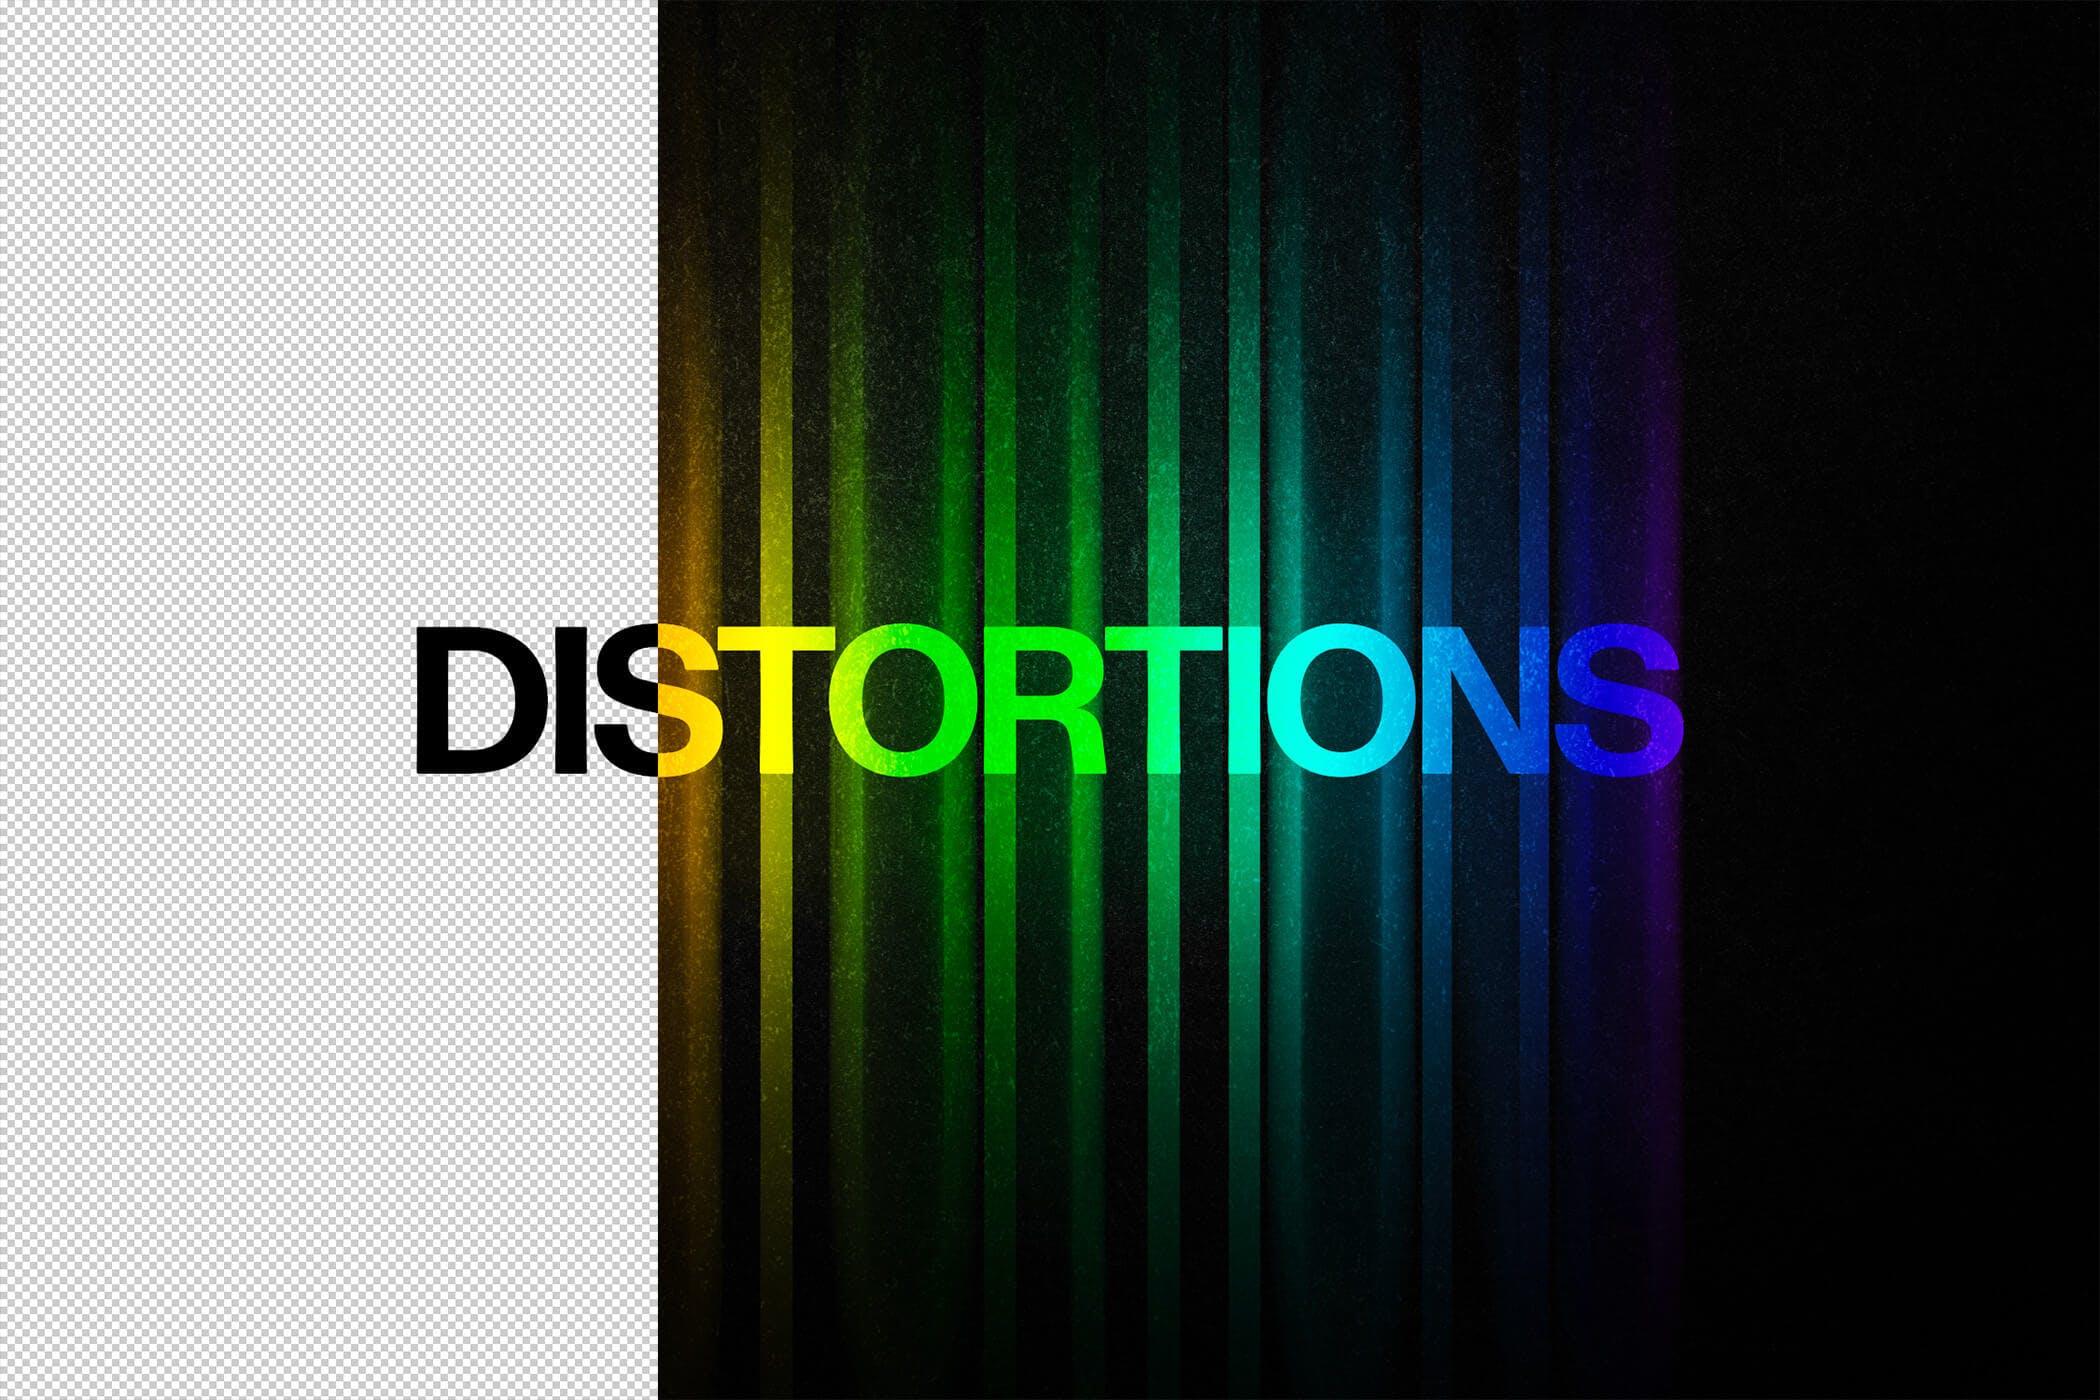 4款炫彩故障失真文字效果徽标标题设计PS素材源文件 Color Distortion Text Effect插图(5)